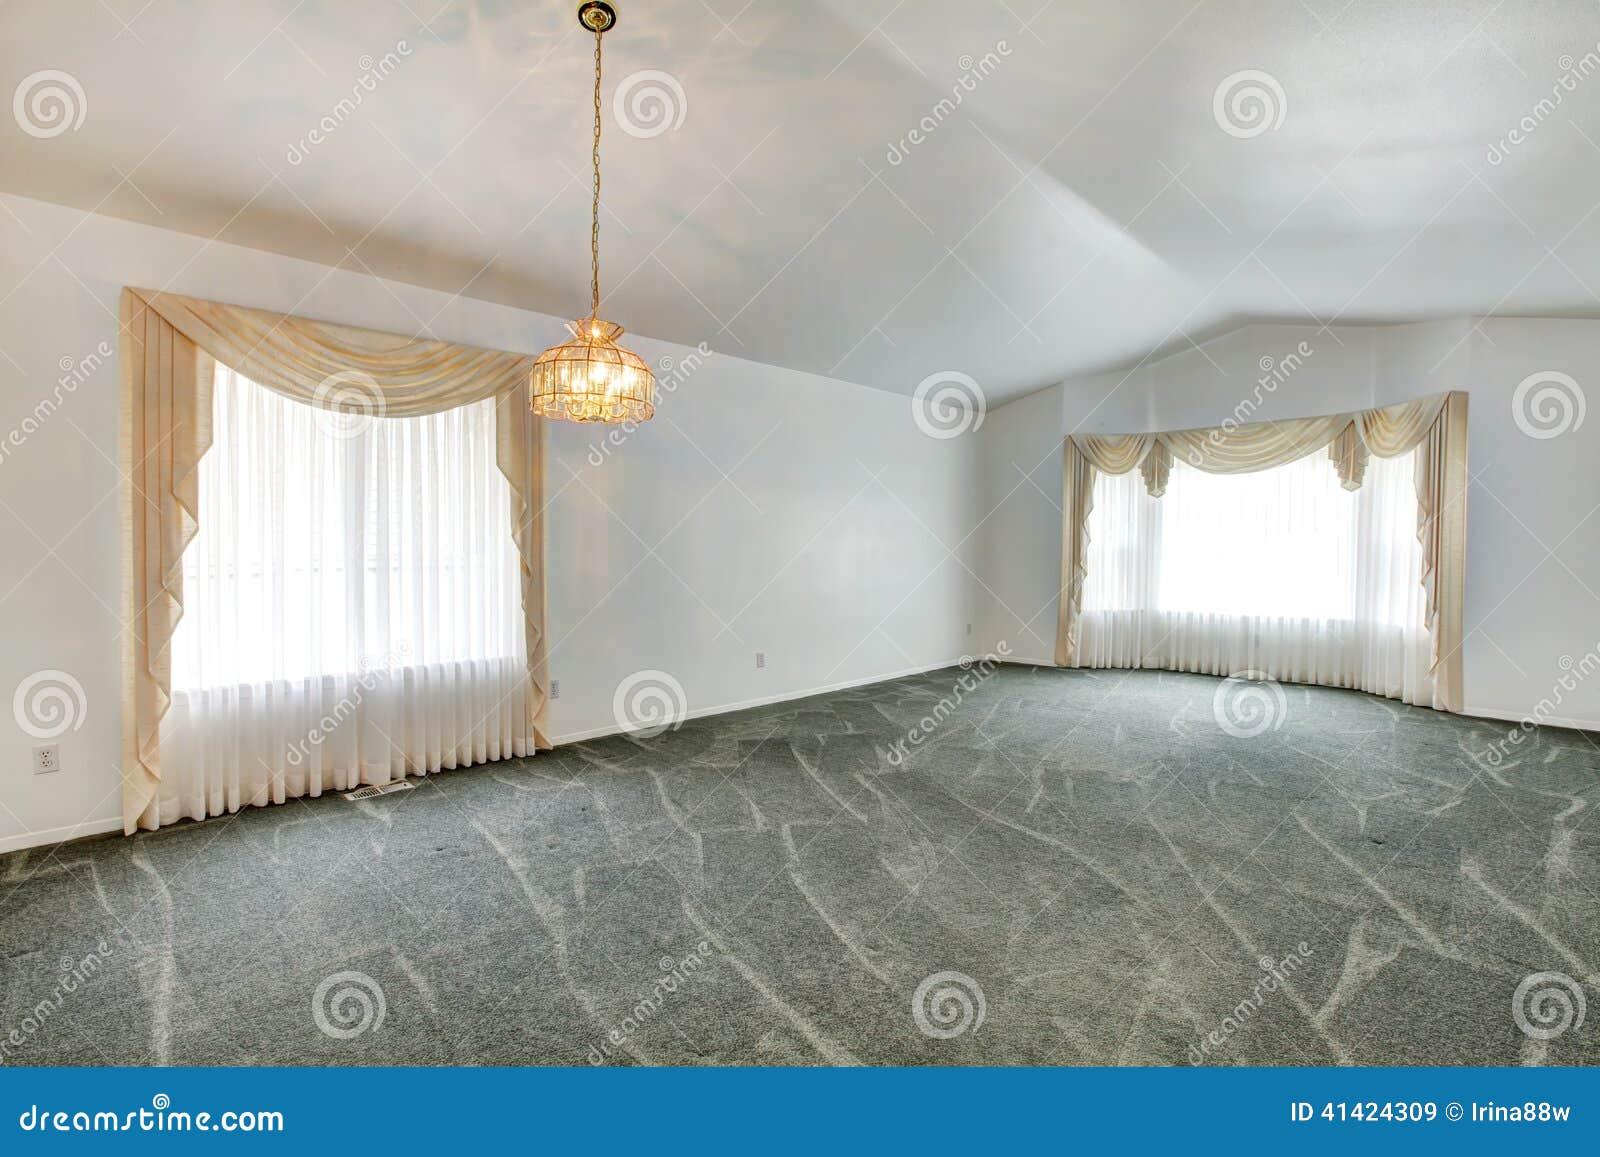 Carpet Empty Floor Living Room